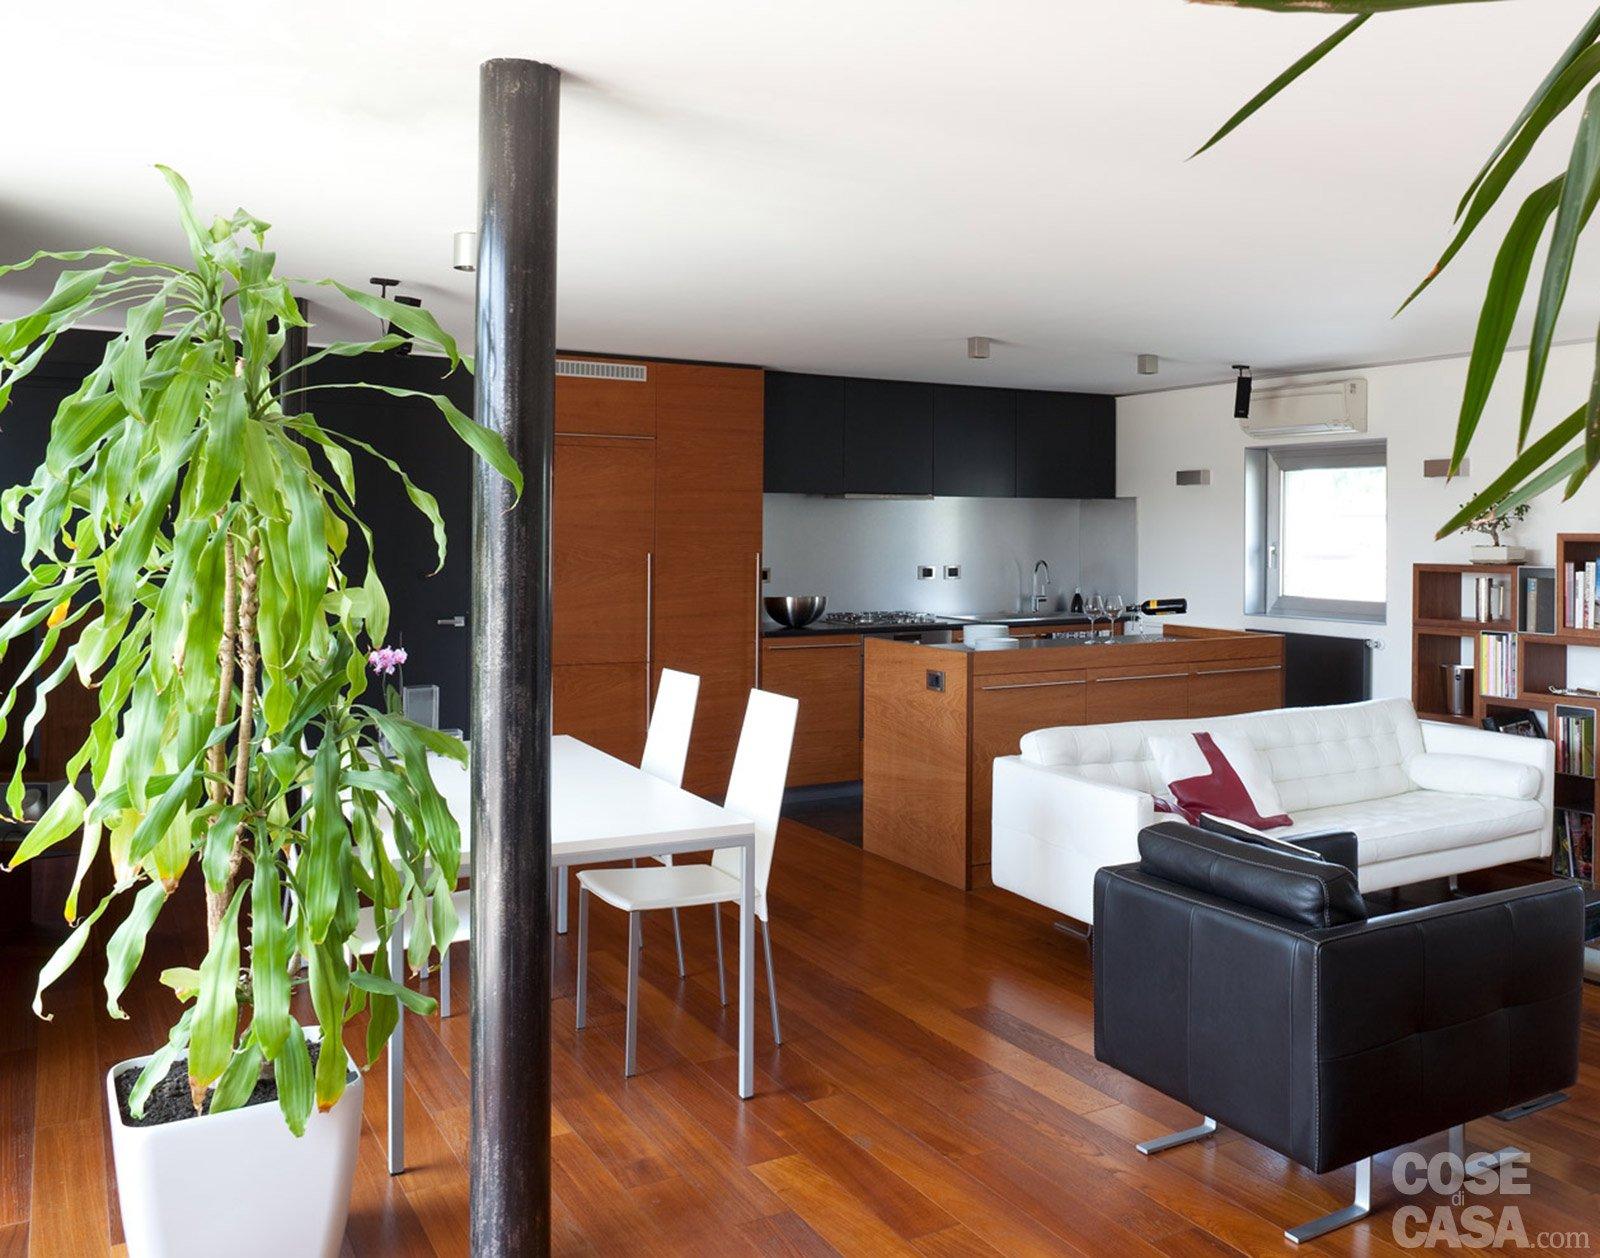 80 mq una casa per due perfetta per fare inviti cose - Progetto casa 80 mq ...